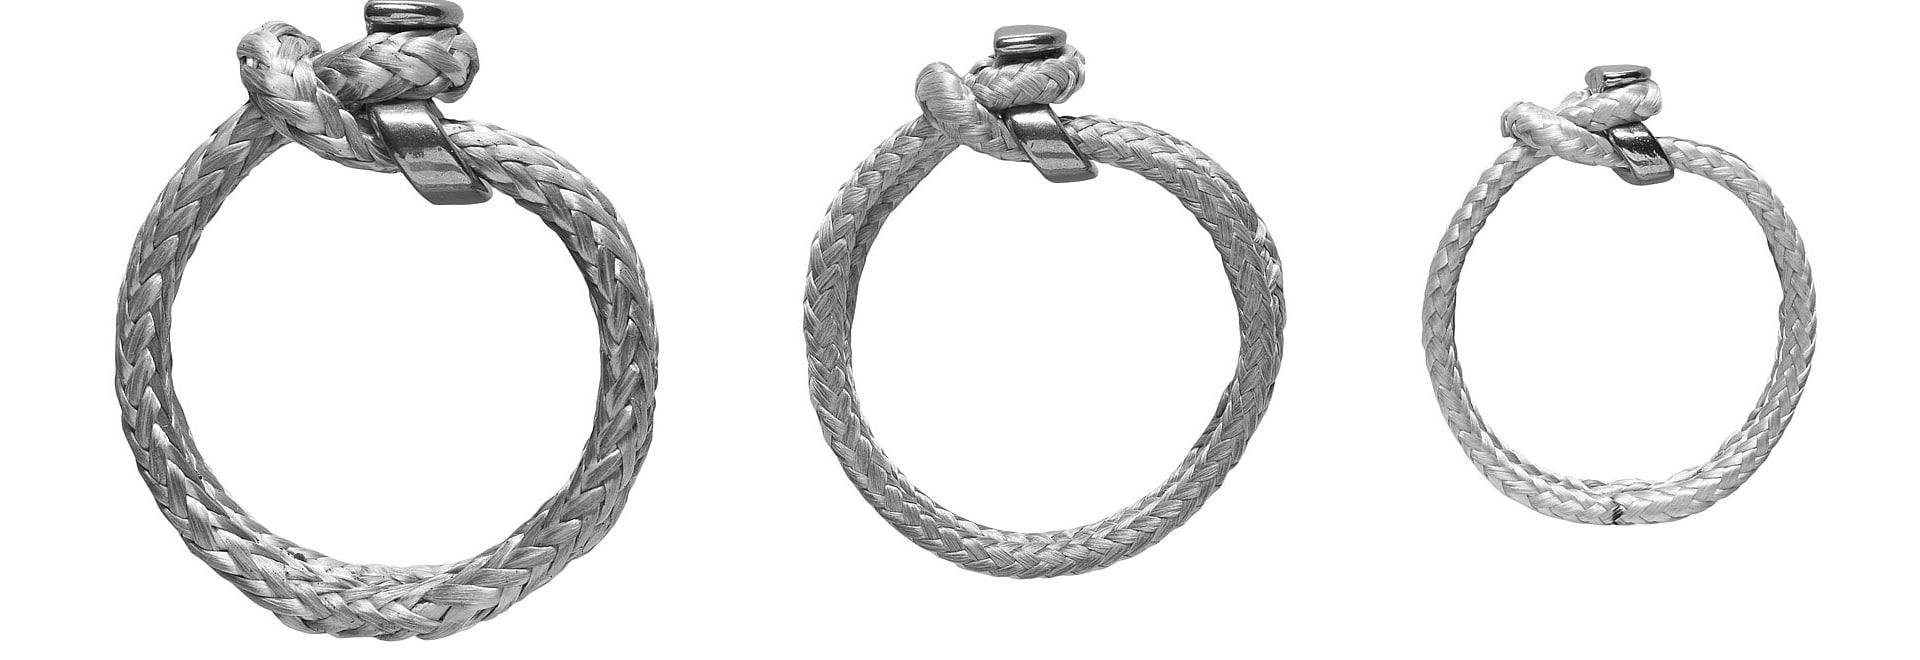 SoftLink: Soft shackle for all!